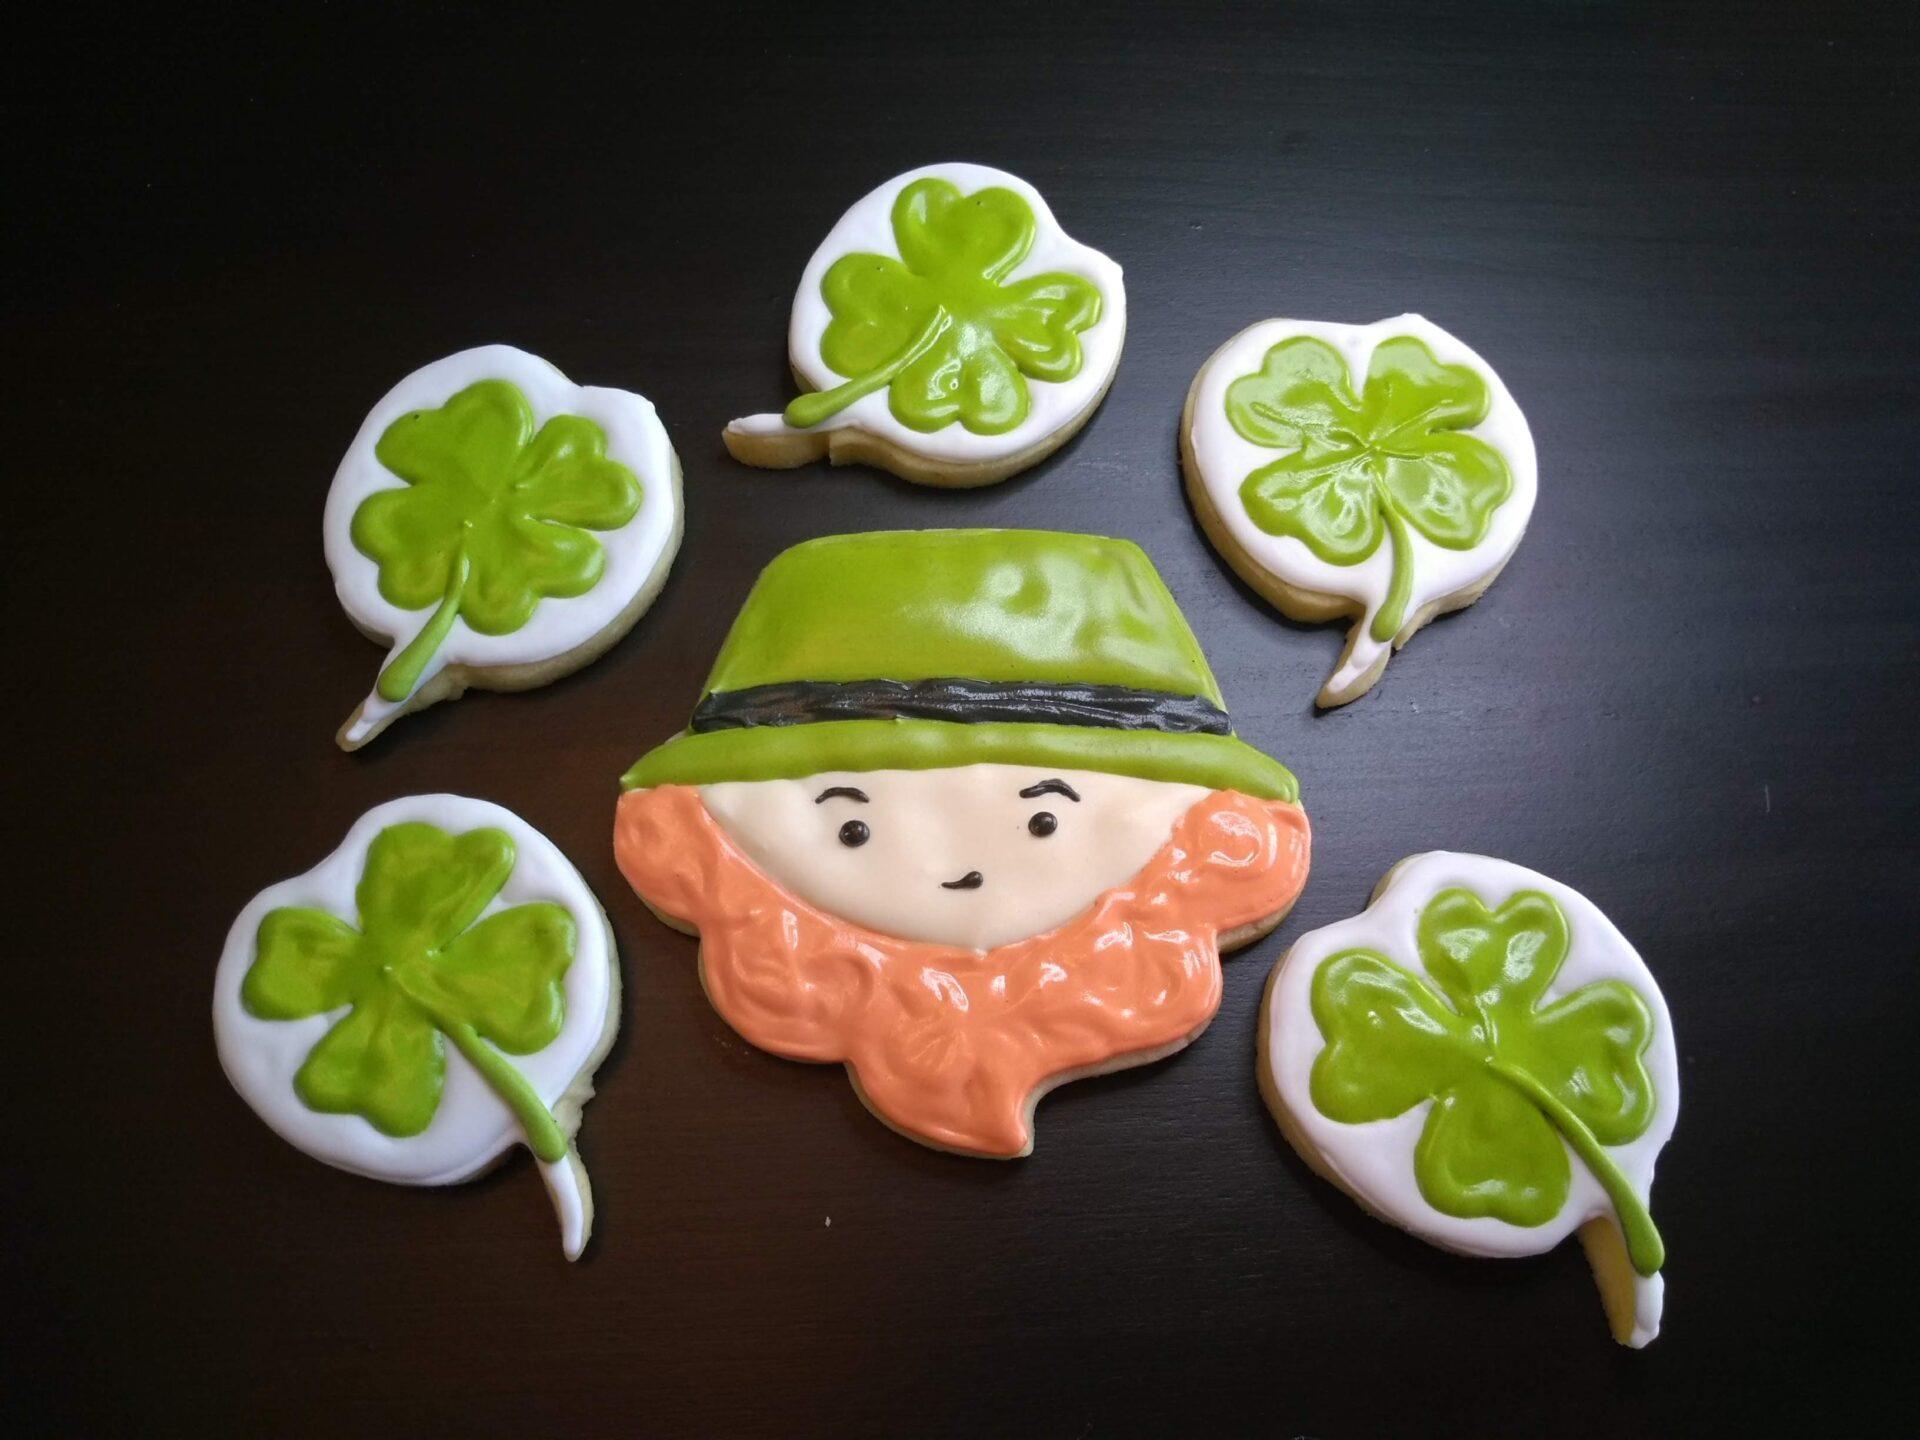 leprechaun st patrick's day cookies